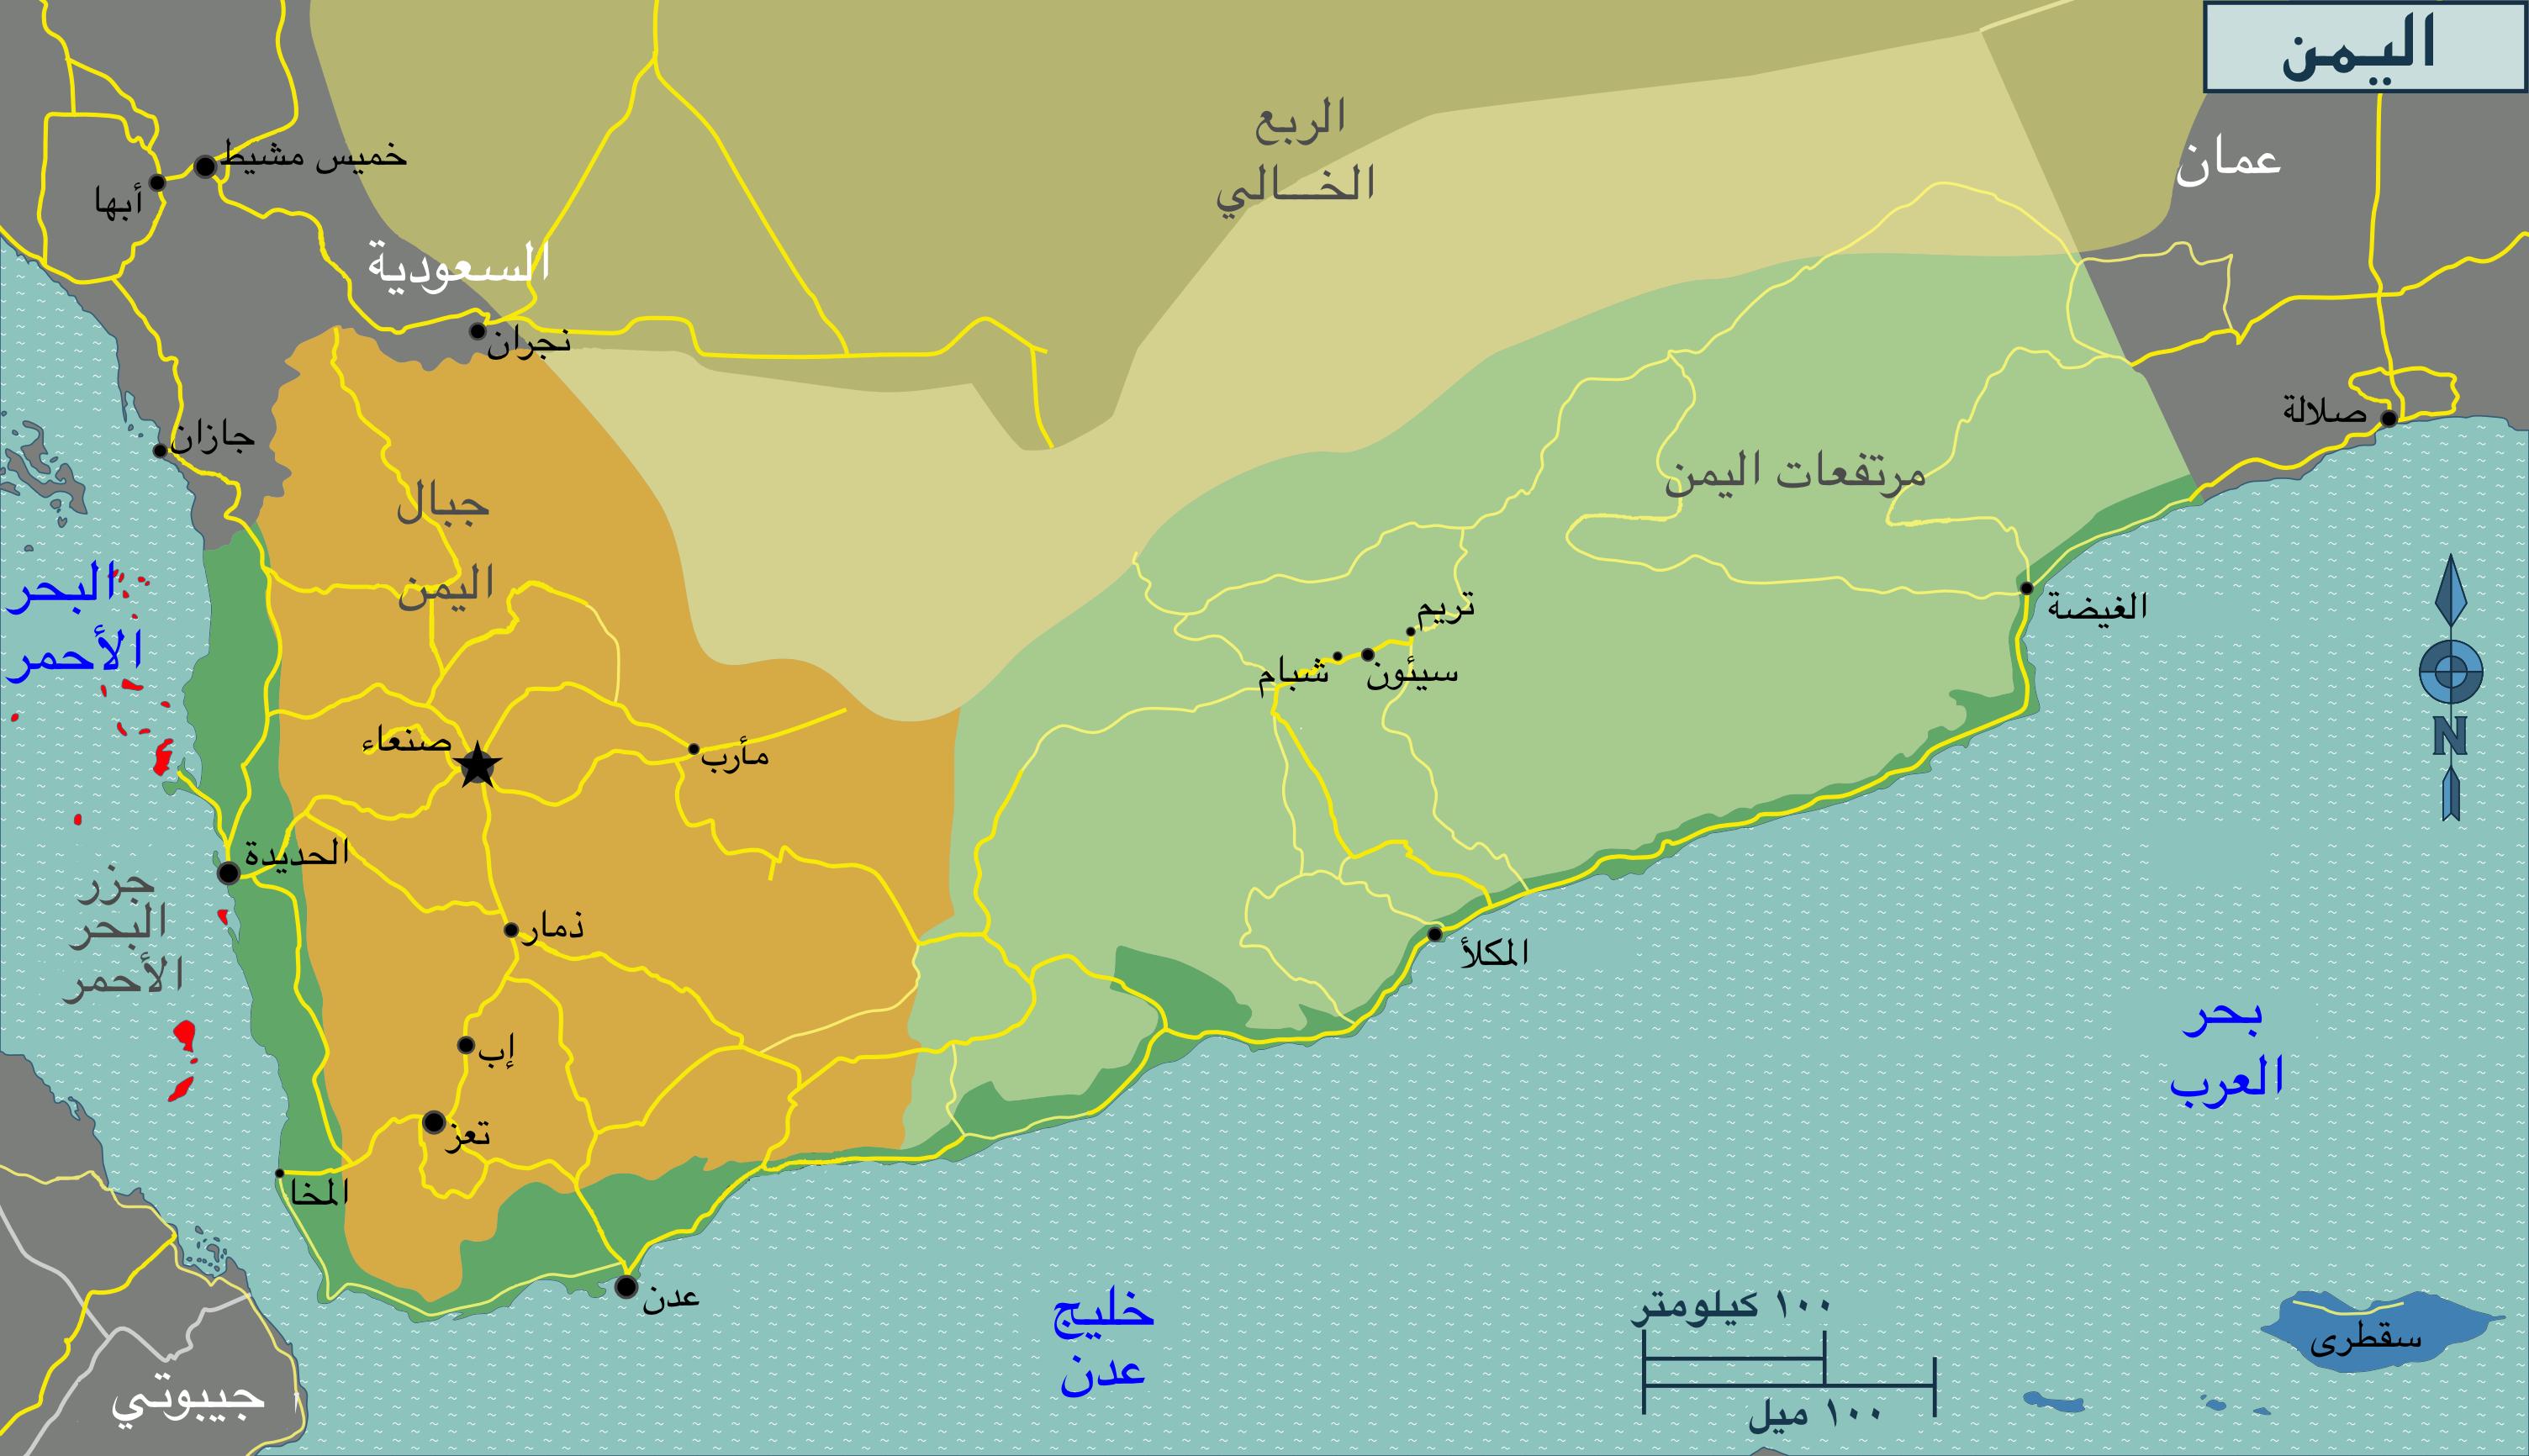 File:Yemen regions map (Arabic).png